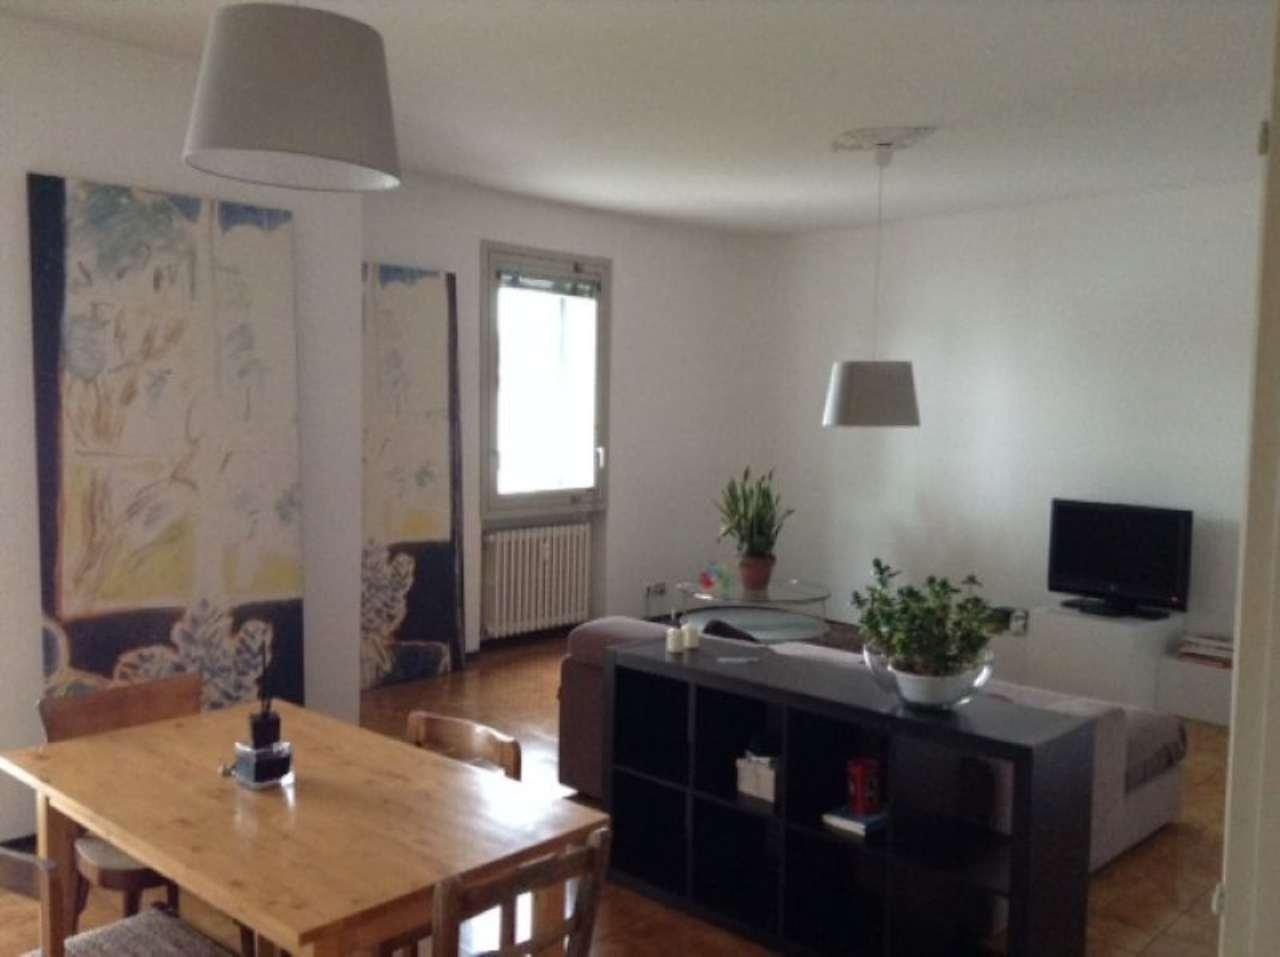 Appartamento in affitto a Desenzano del Garda, 2 locali, prezzo € 700 | Cambio Casa.it